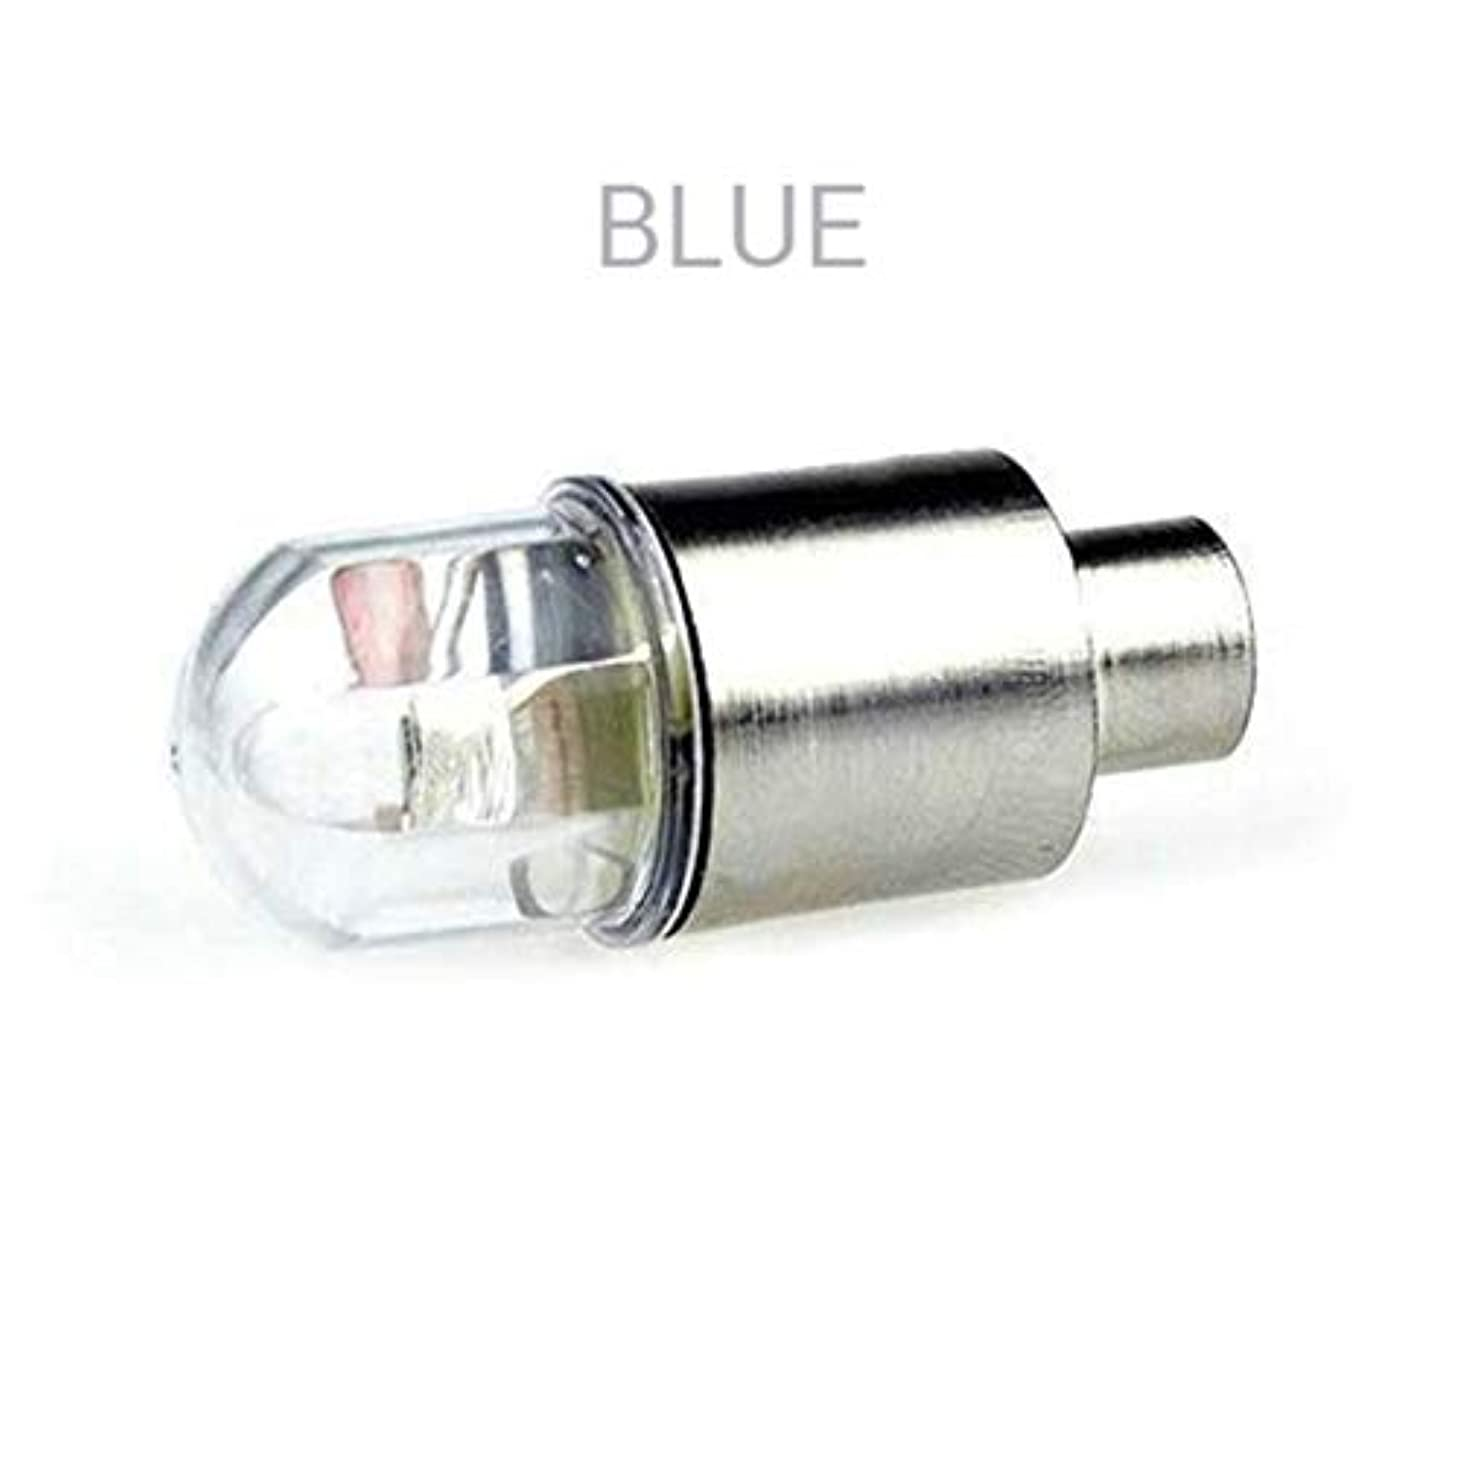 リム音声学噴火自動車およびオートバイバルブノズルランプフラッシュLedタイヤ装飾ランプ空気口ライト夜間視力強化-赤